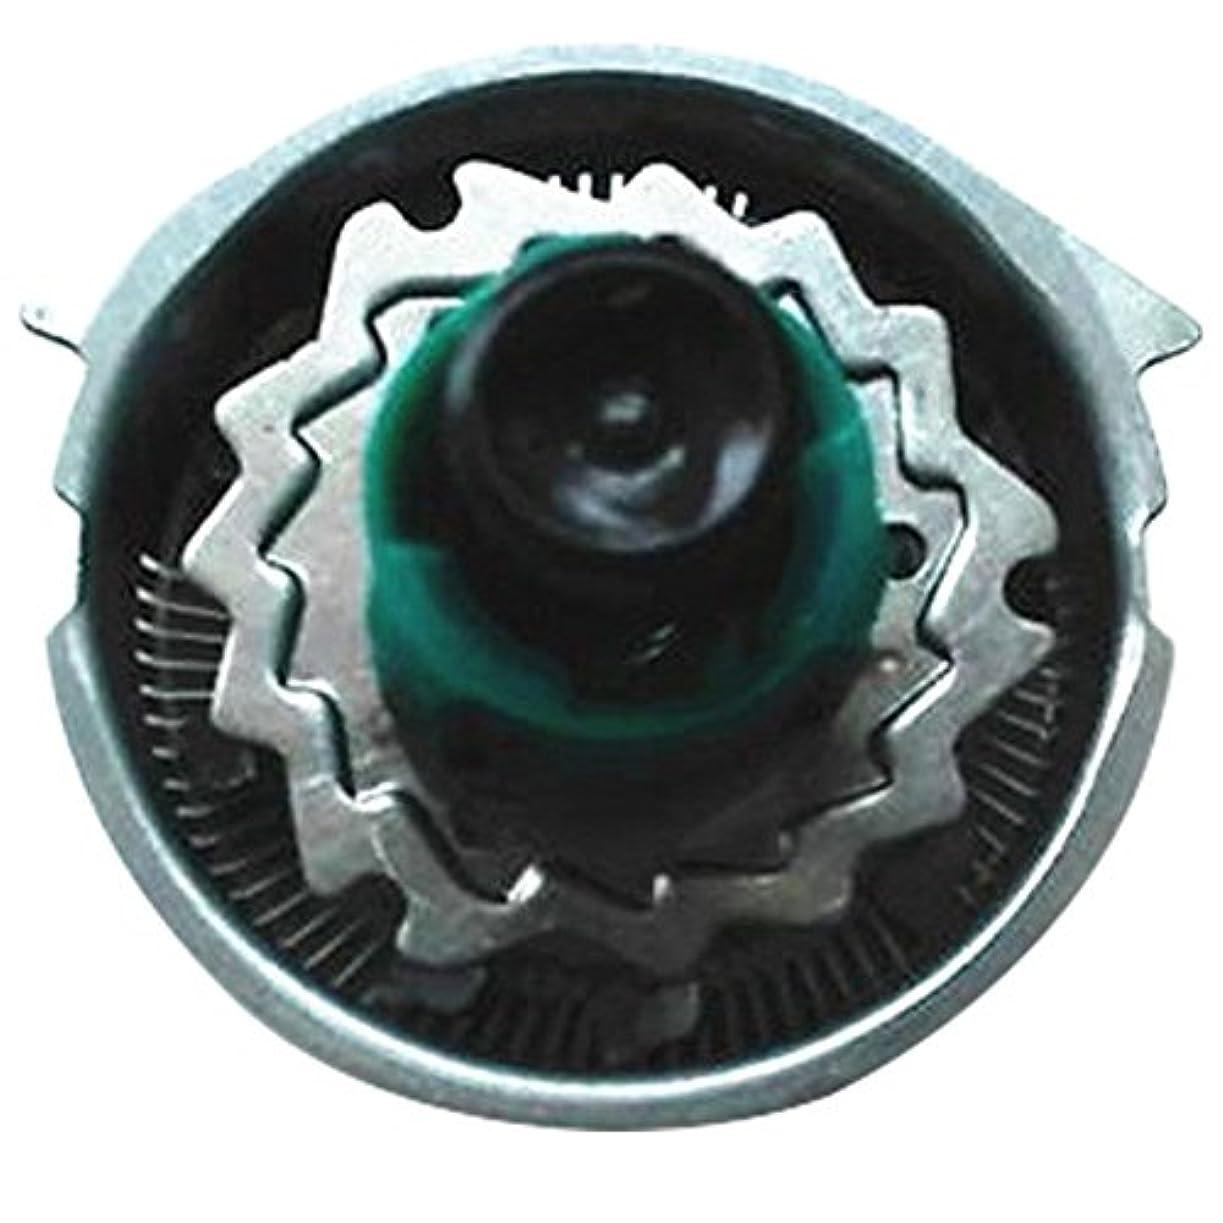 高める貸し手常識Hzjundasi 置換 シェーバー 頭/カッター/キャリーバッグ/保護キャップ for Philips RQ1151 1195